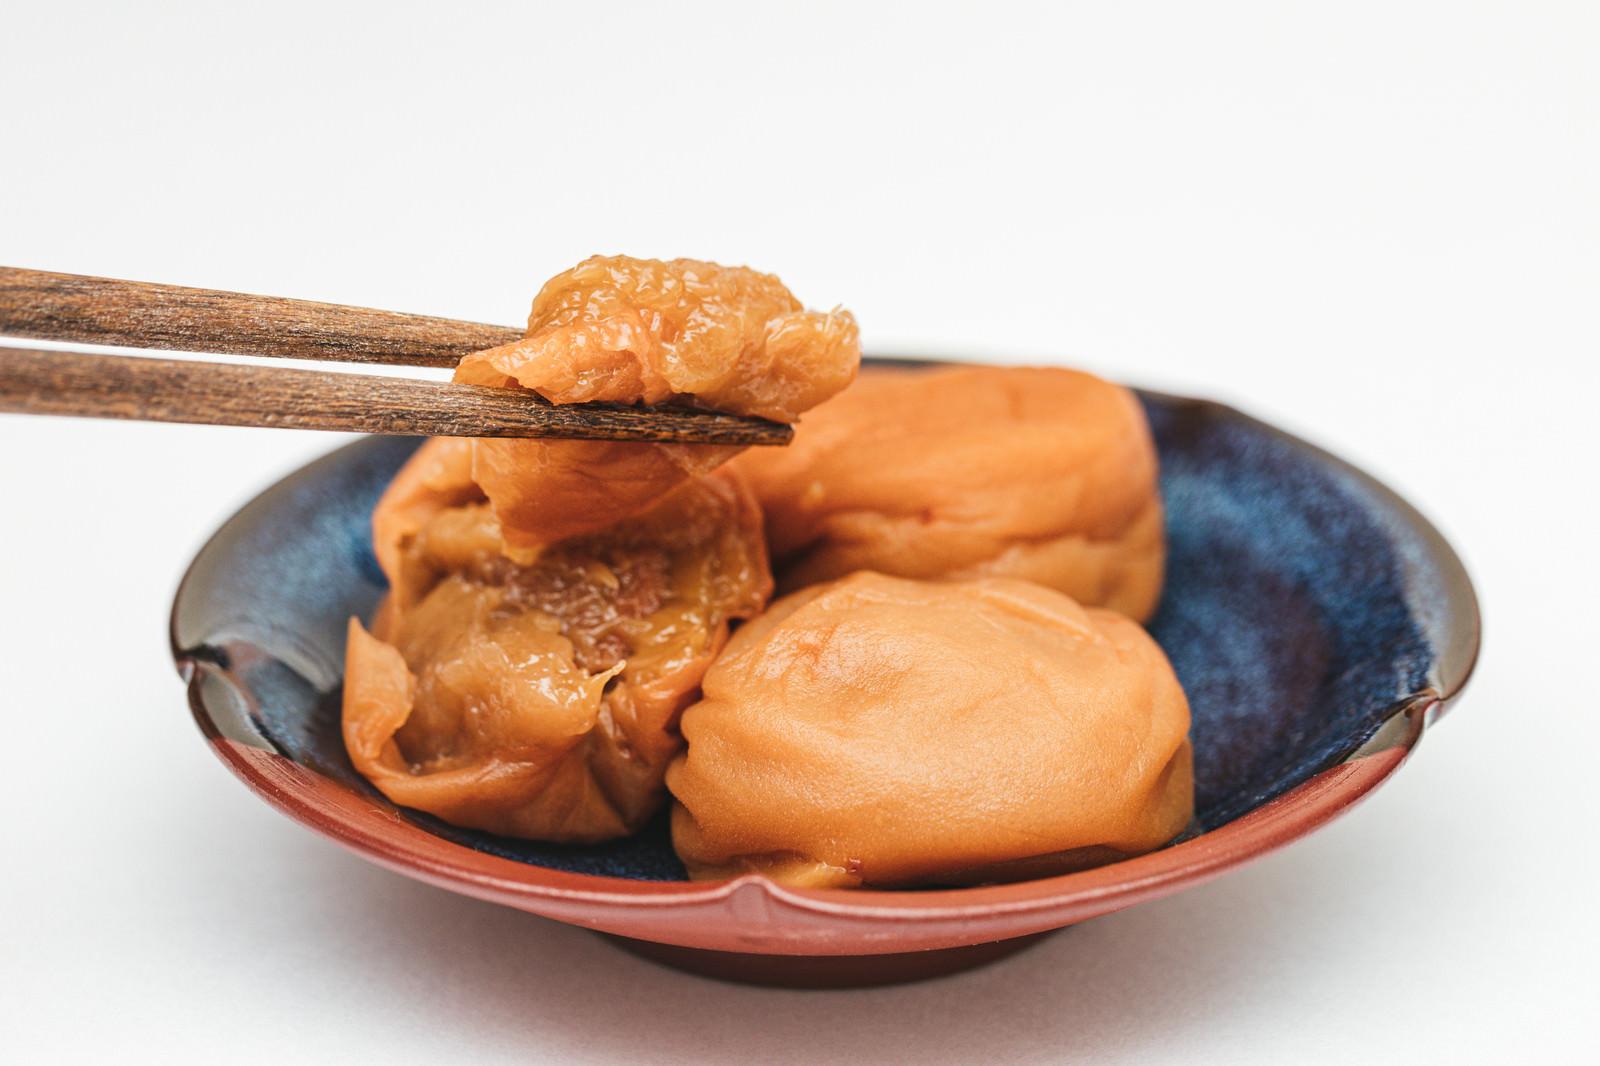 「梅干しの梅肉を箸で掴む」の写真